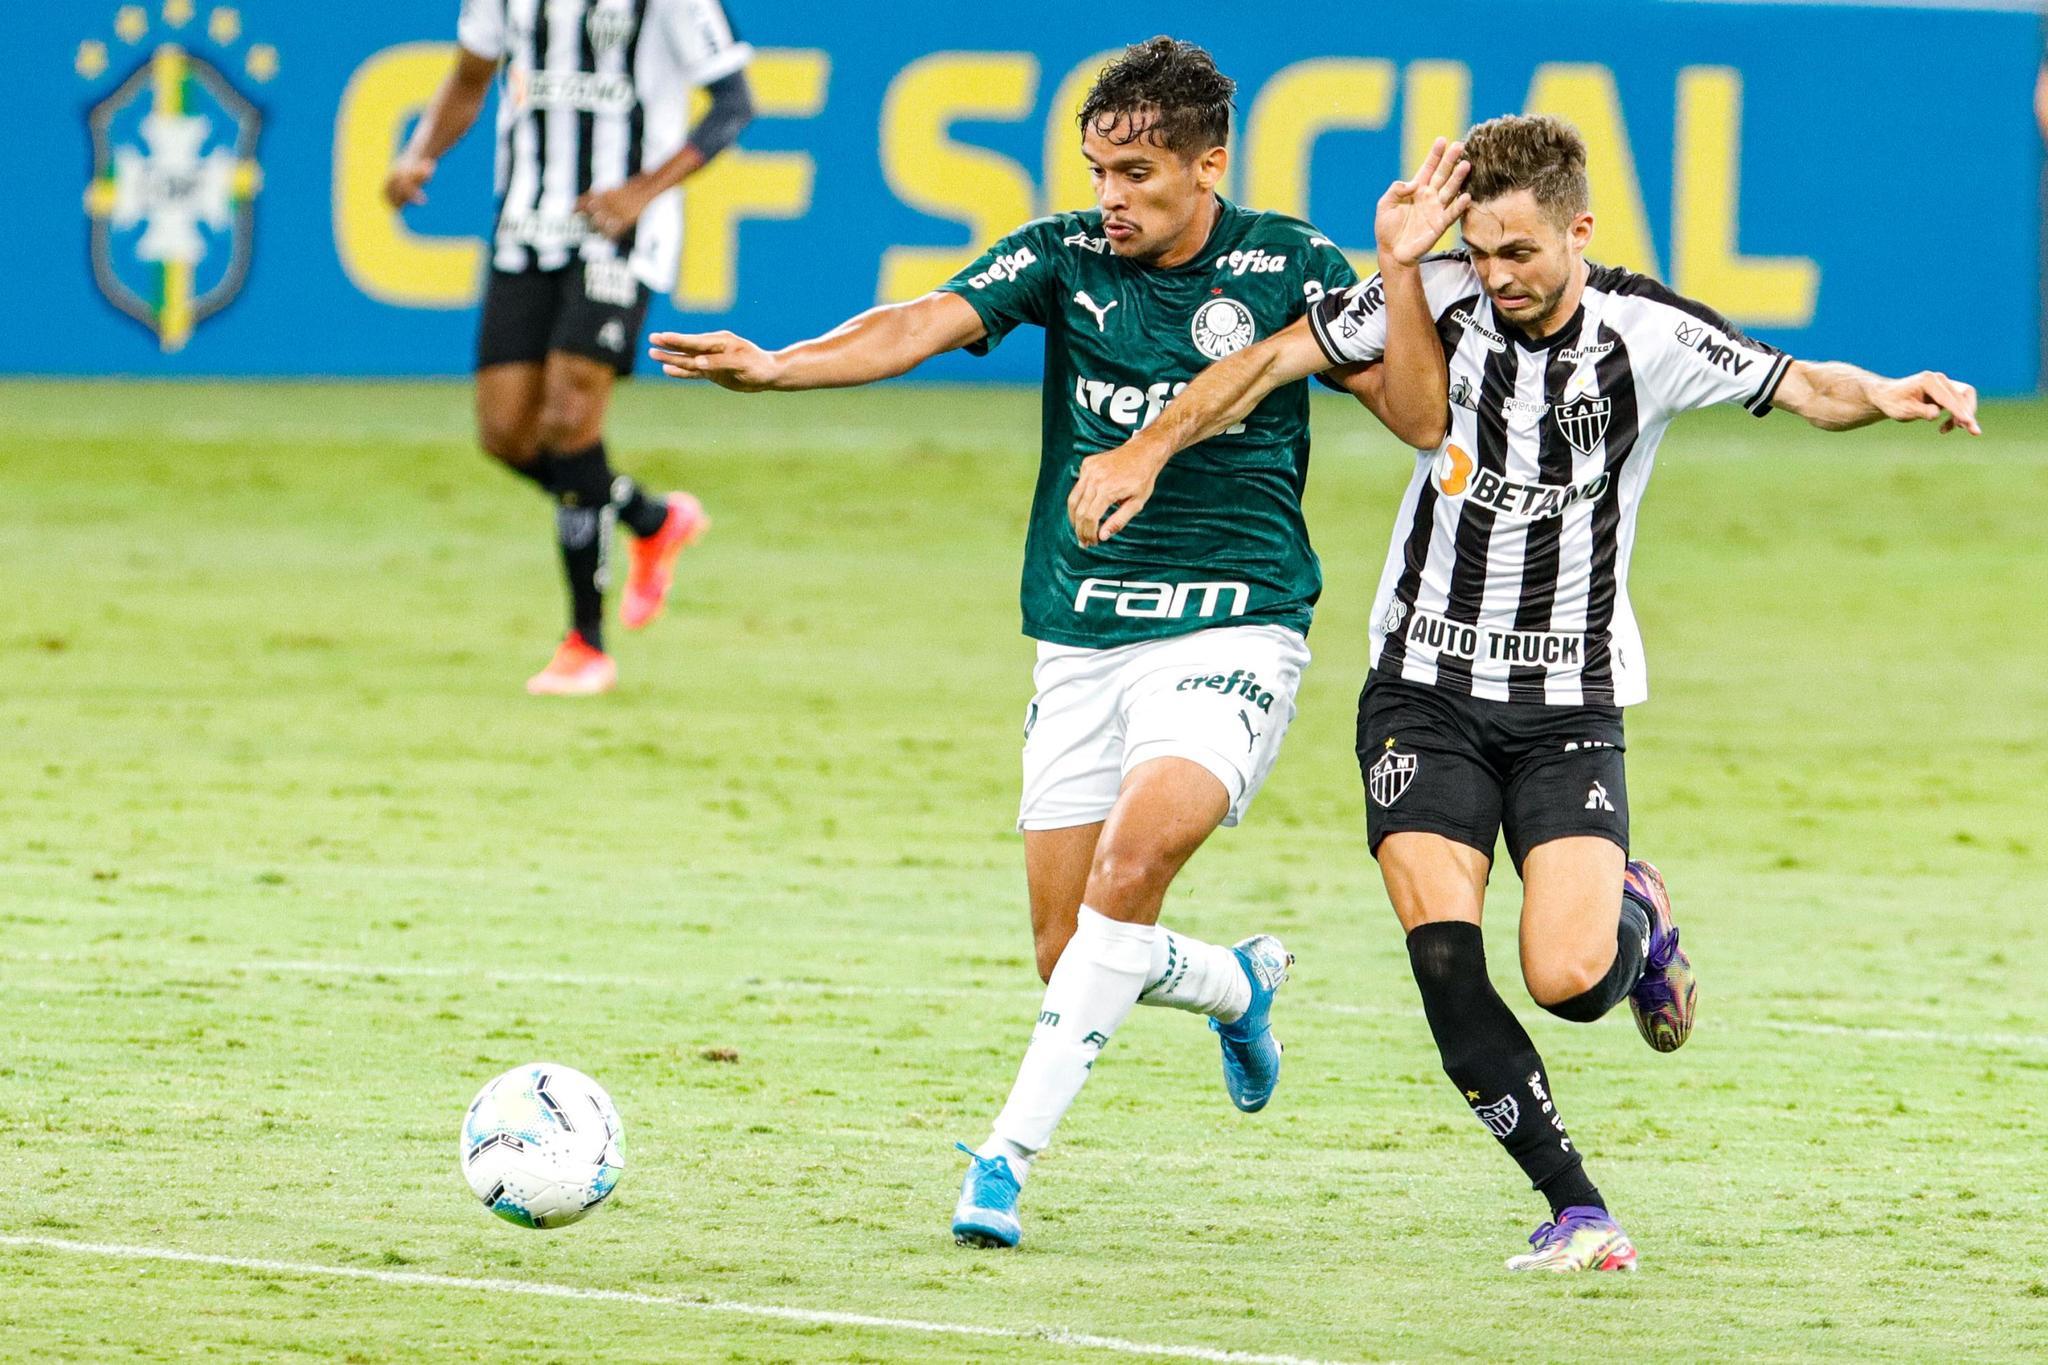 Lance durante partida entra Atlético-MG e Palmeiras, válida pela trigésima oitava rodada do Brasileirão, Série A, no Mineirão, na cidade de Belo Horizonte, MG, nesta quinta feira, 25. (Foto: Estadão Conteúdo)